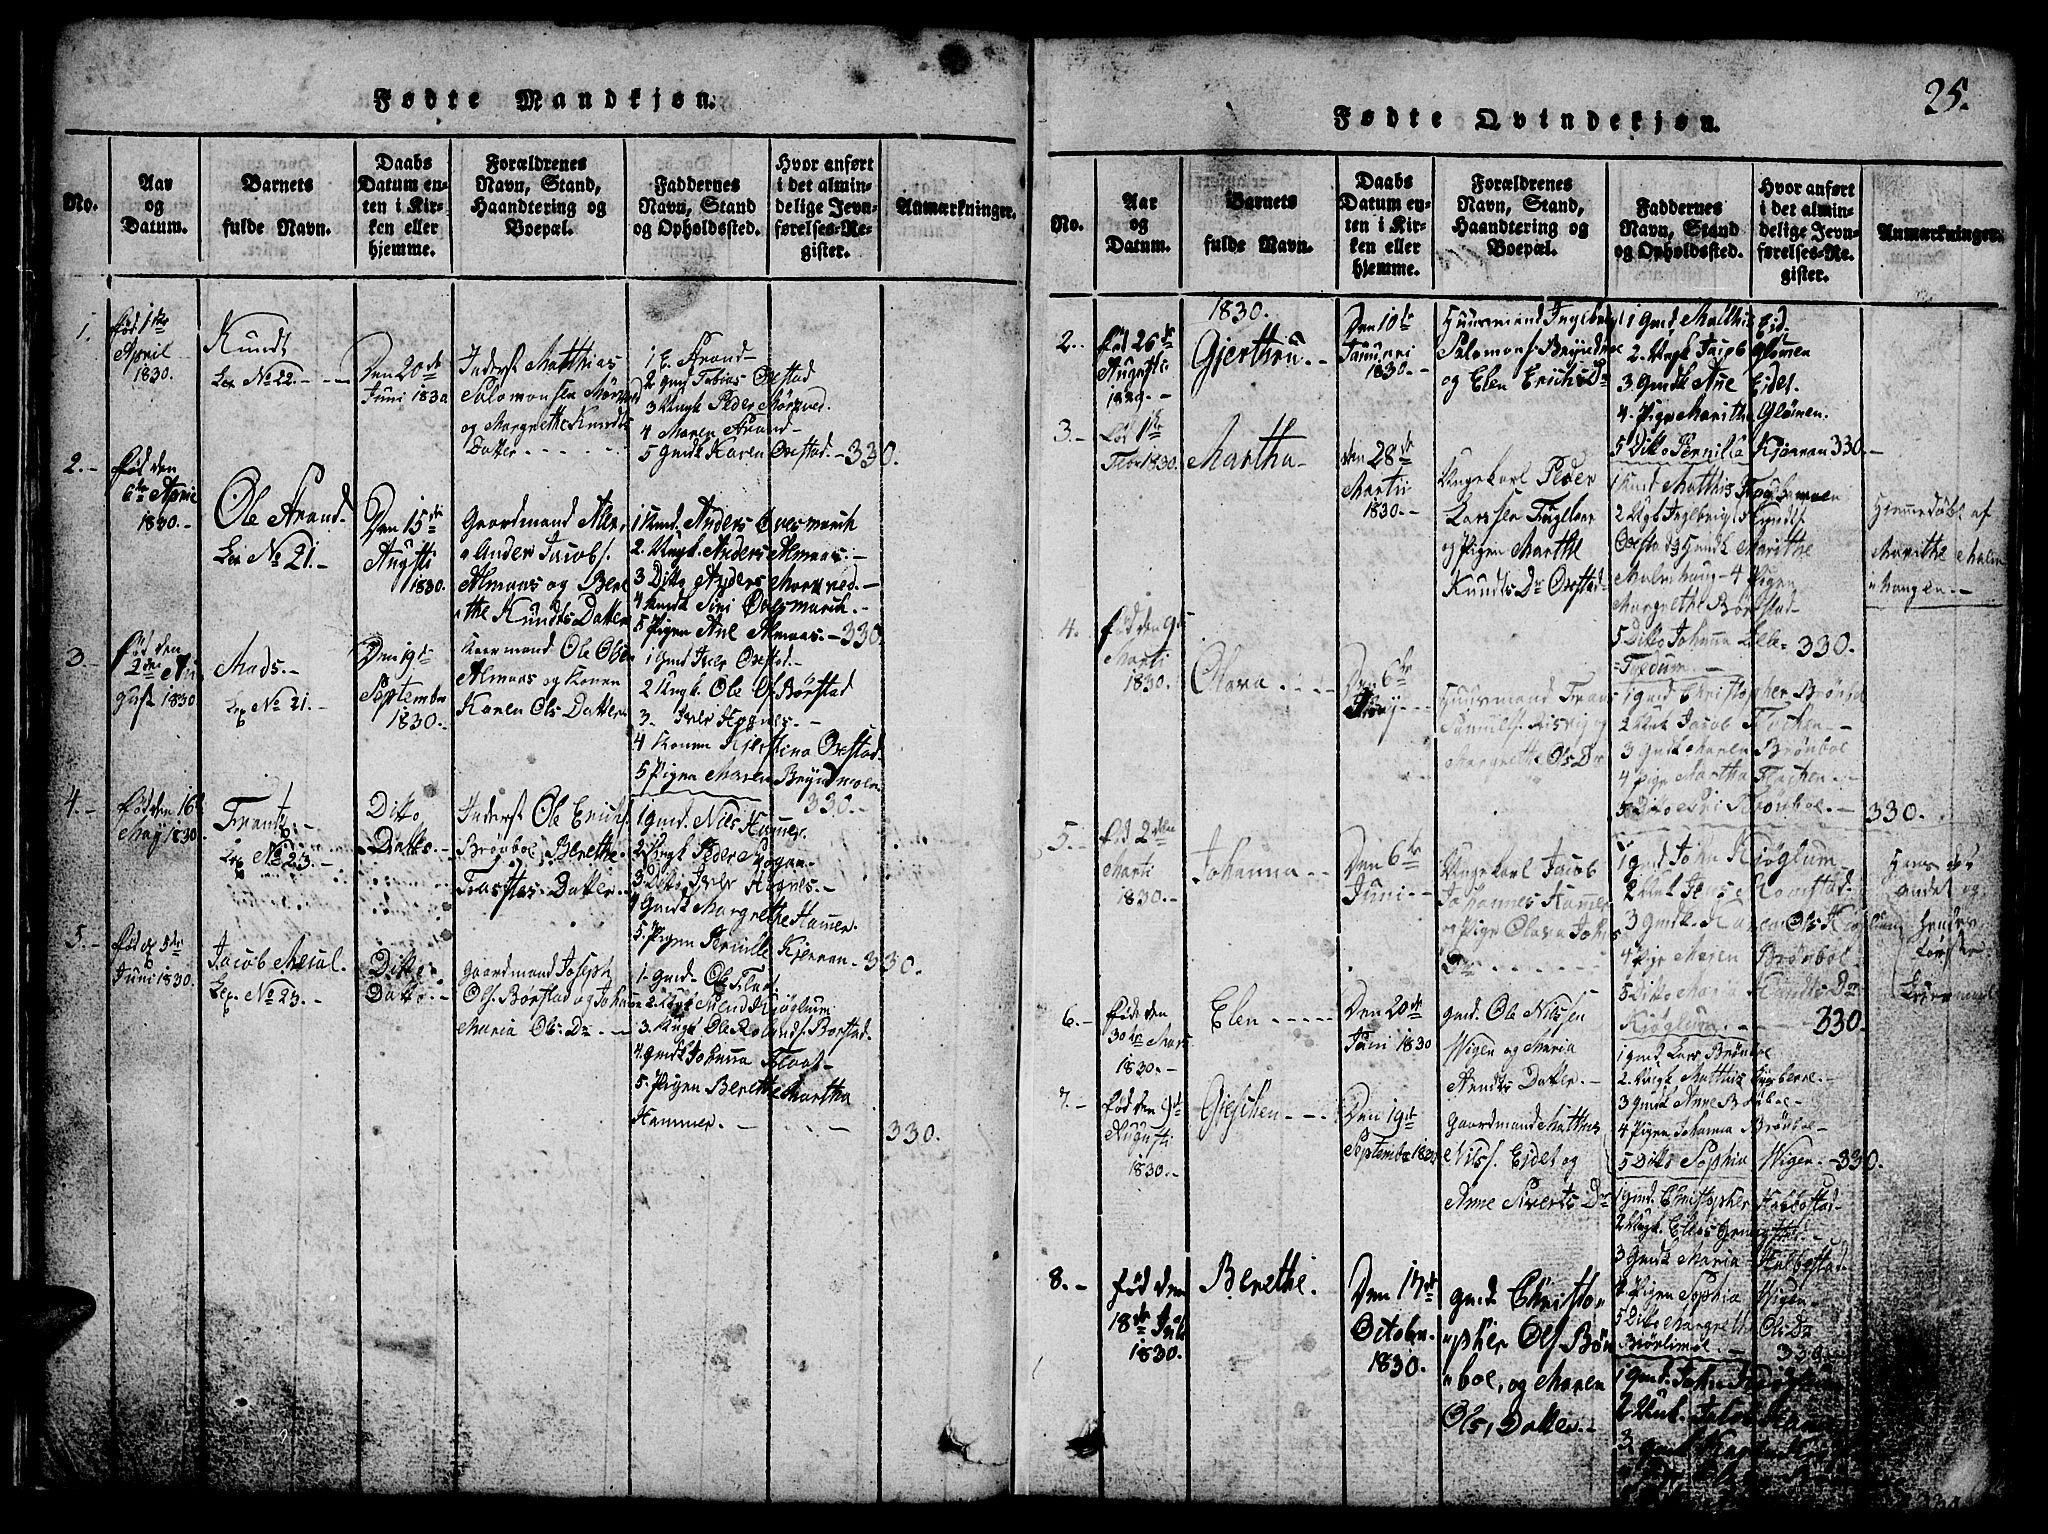 SAT, Ministerialprotokoller, klokkerbøker og fødselsregistre - Nord-Trøndelag, 765/L0562: Klokkerbok nr. 765C01, 1817-1851, s. 25